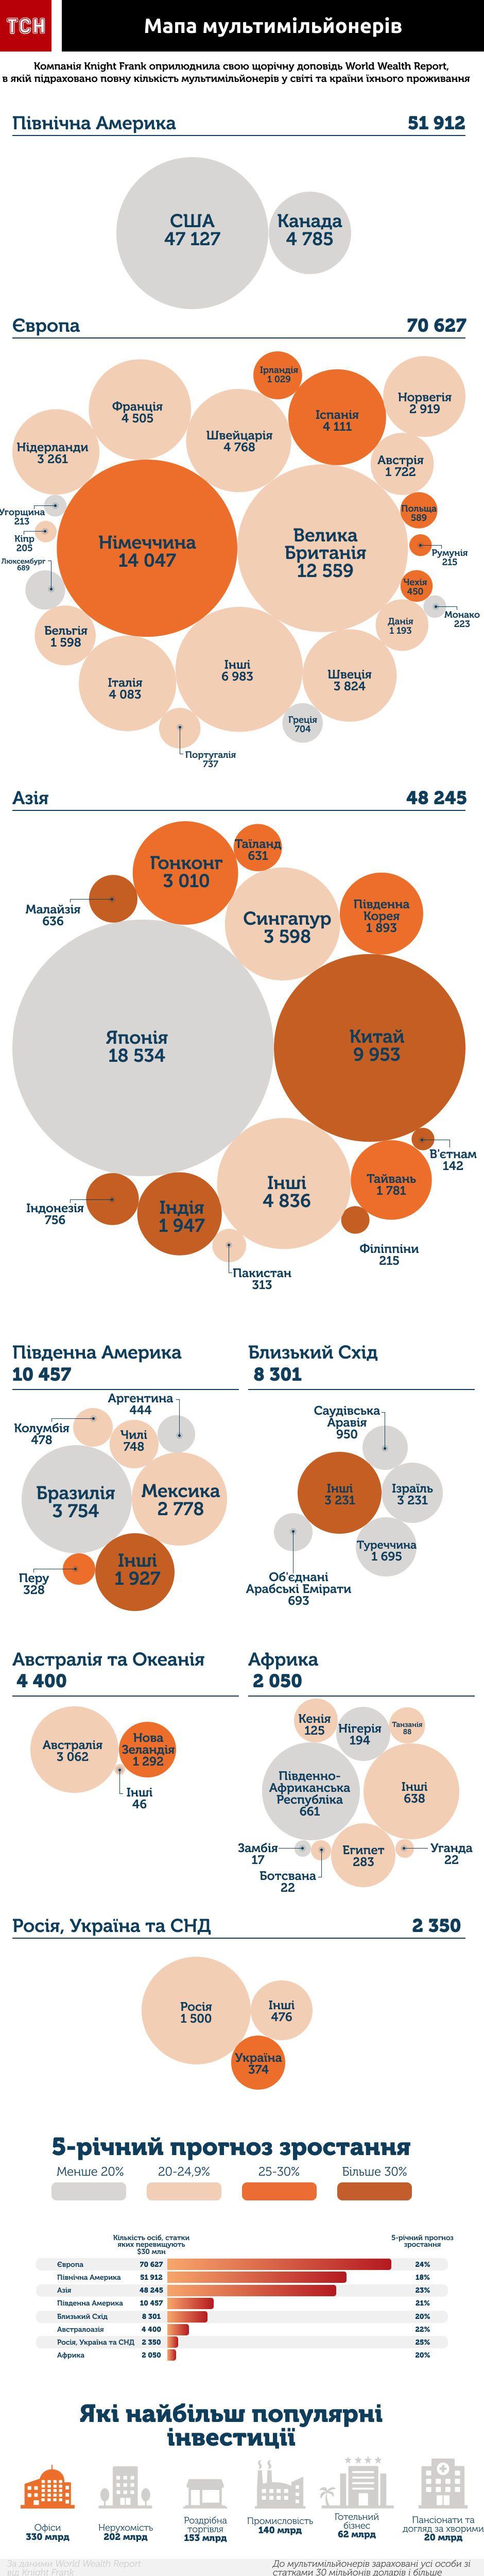 Мапа мультимільйонерів, мільйонери, інфографіка